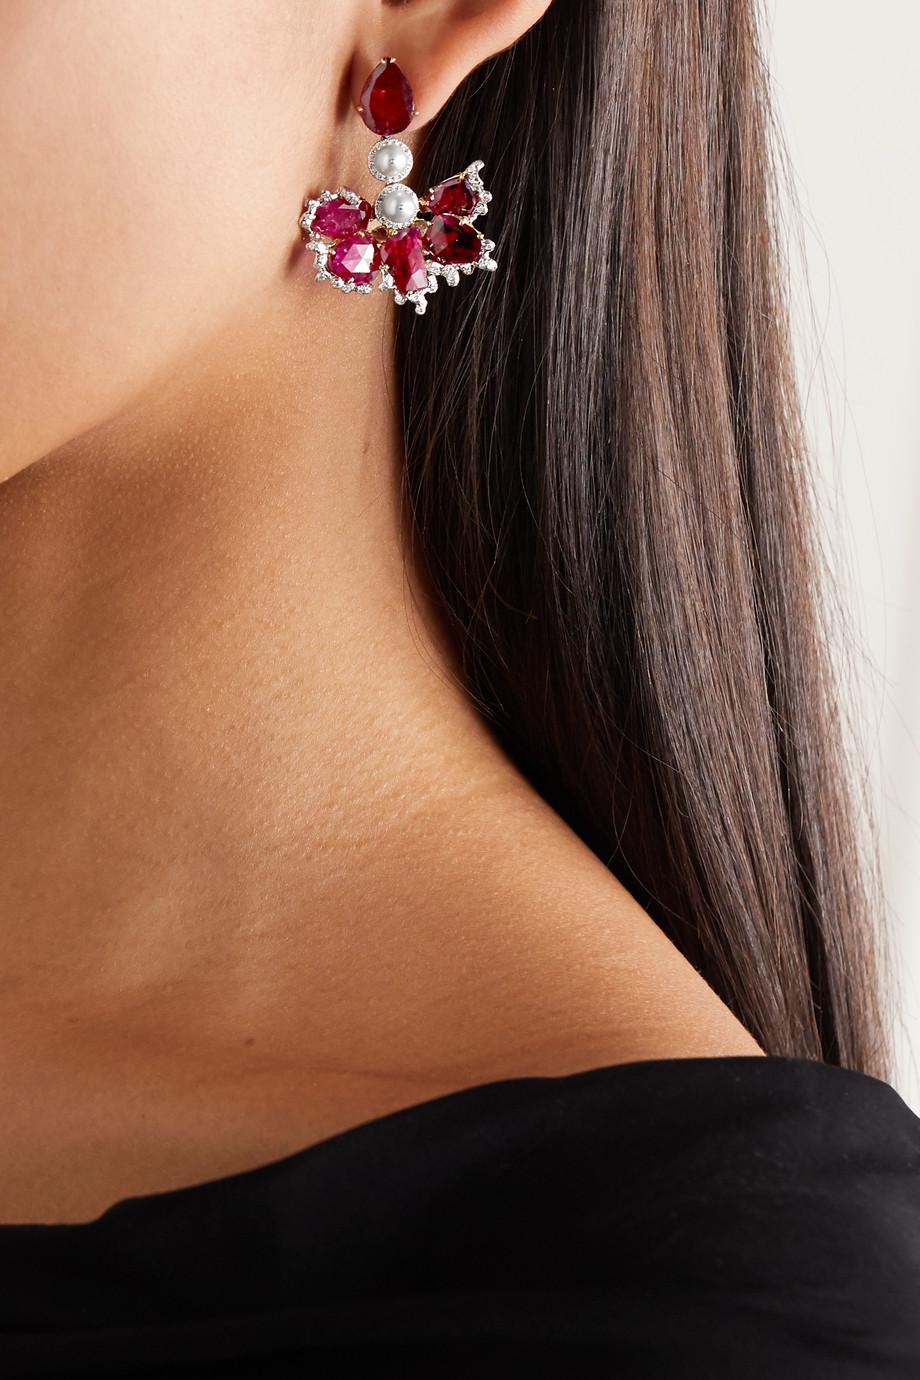 Bina Goenka Boucles d'oreilles en or 18 carats, plaqué rhodium et pierres multiples